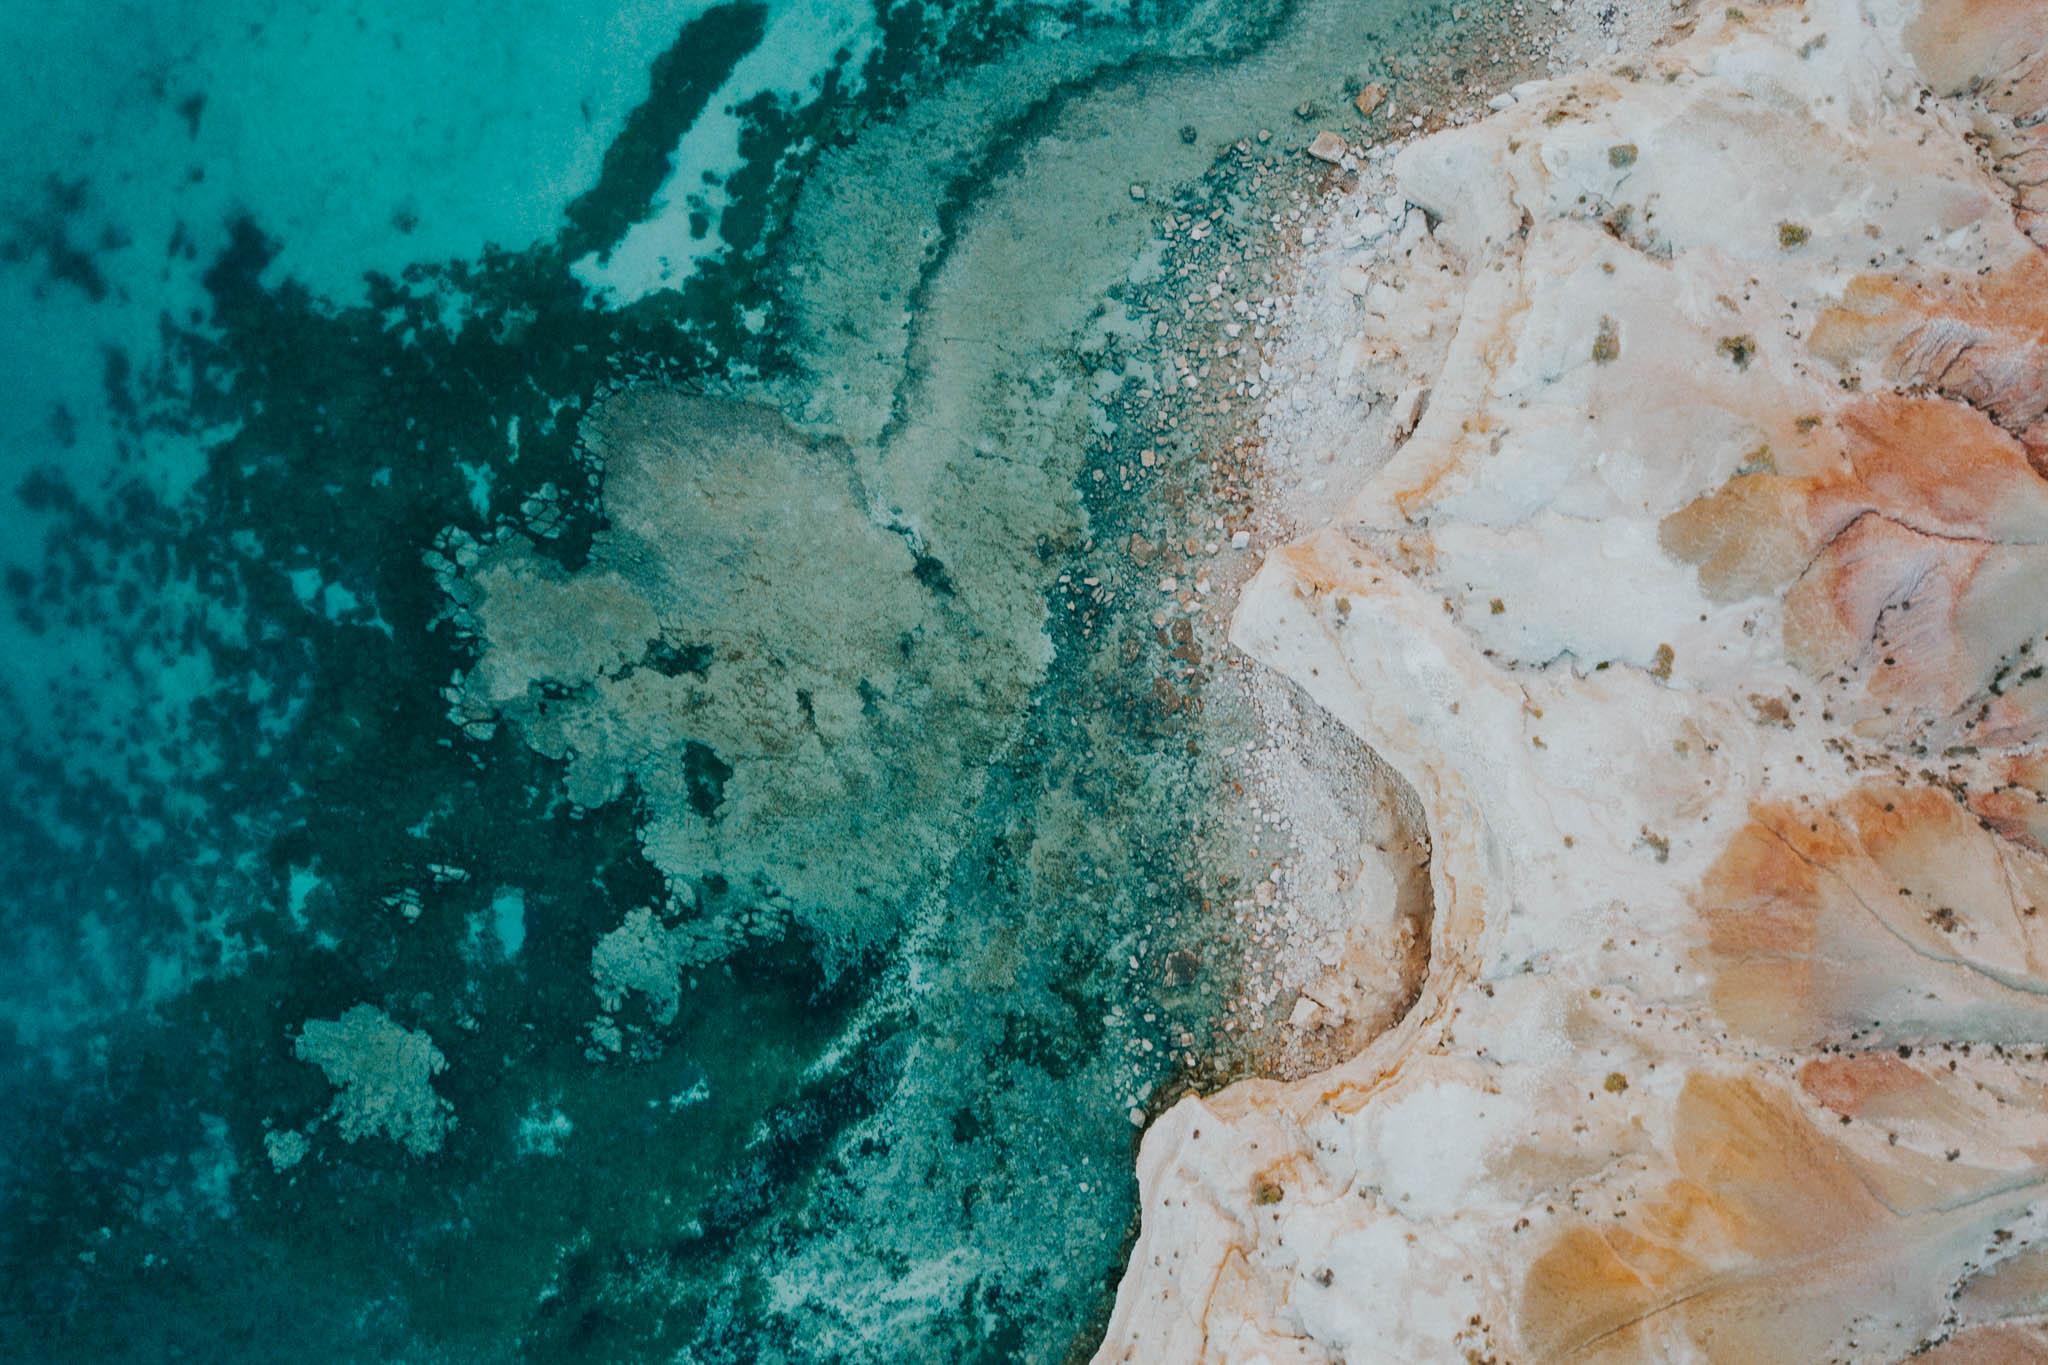 drone-south-australia-benjamin-andrew